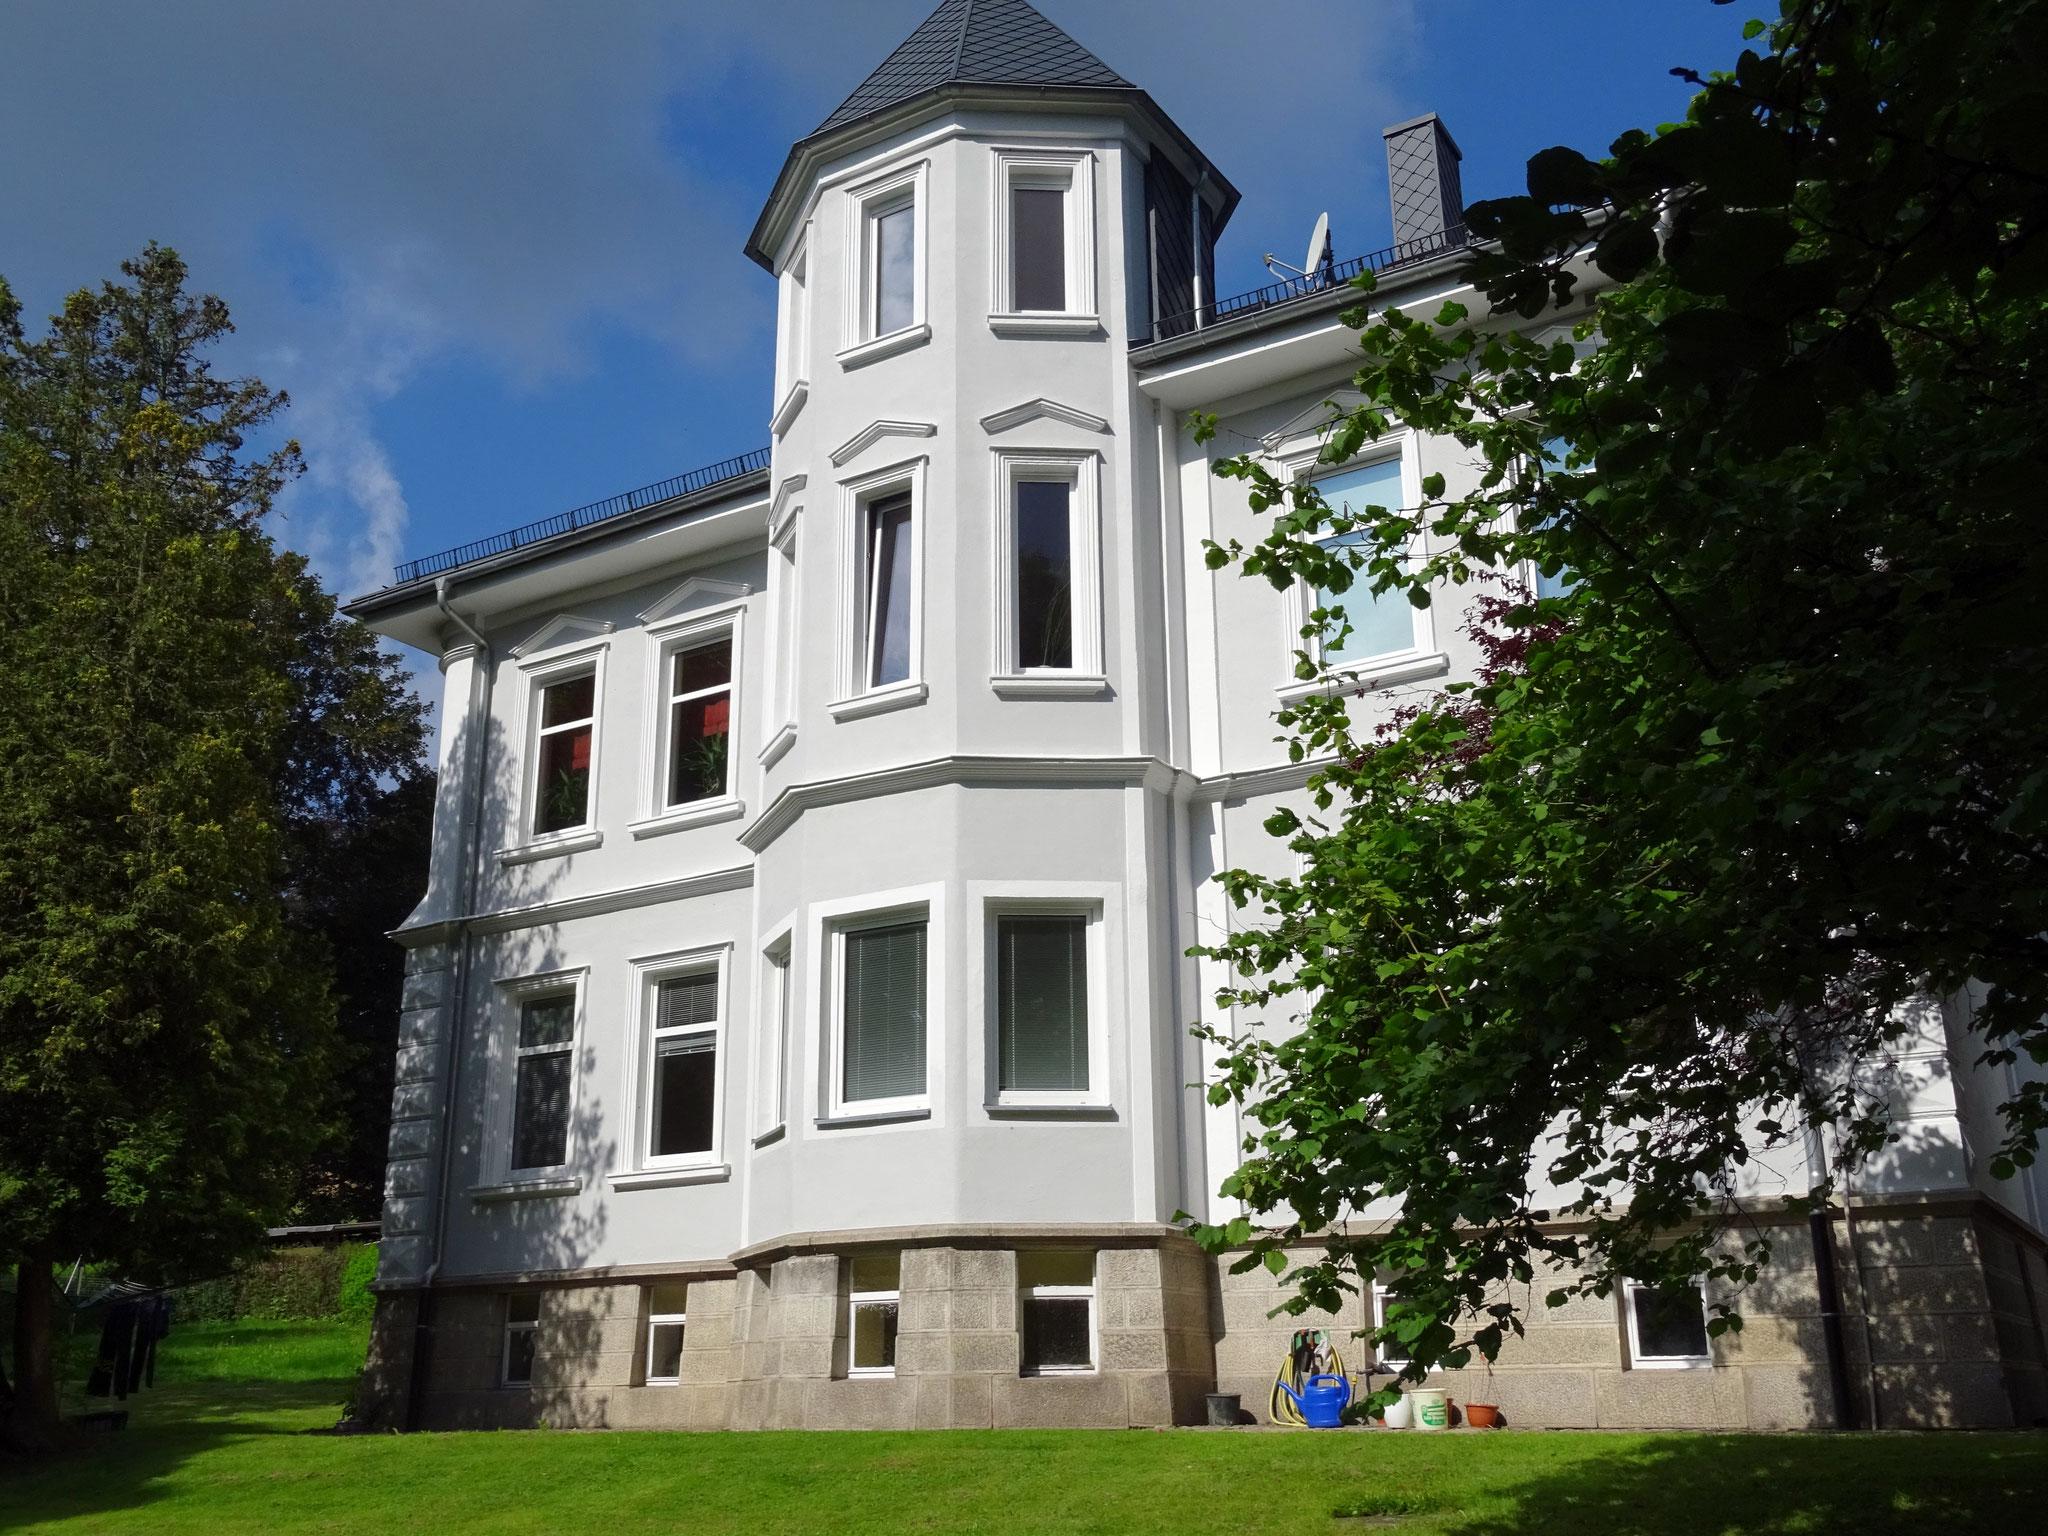 historische Fassade glänzt durch moderne Farbigkeit